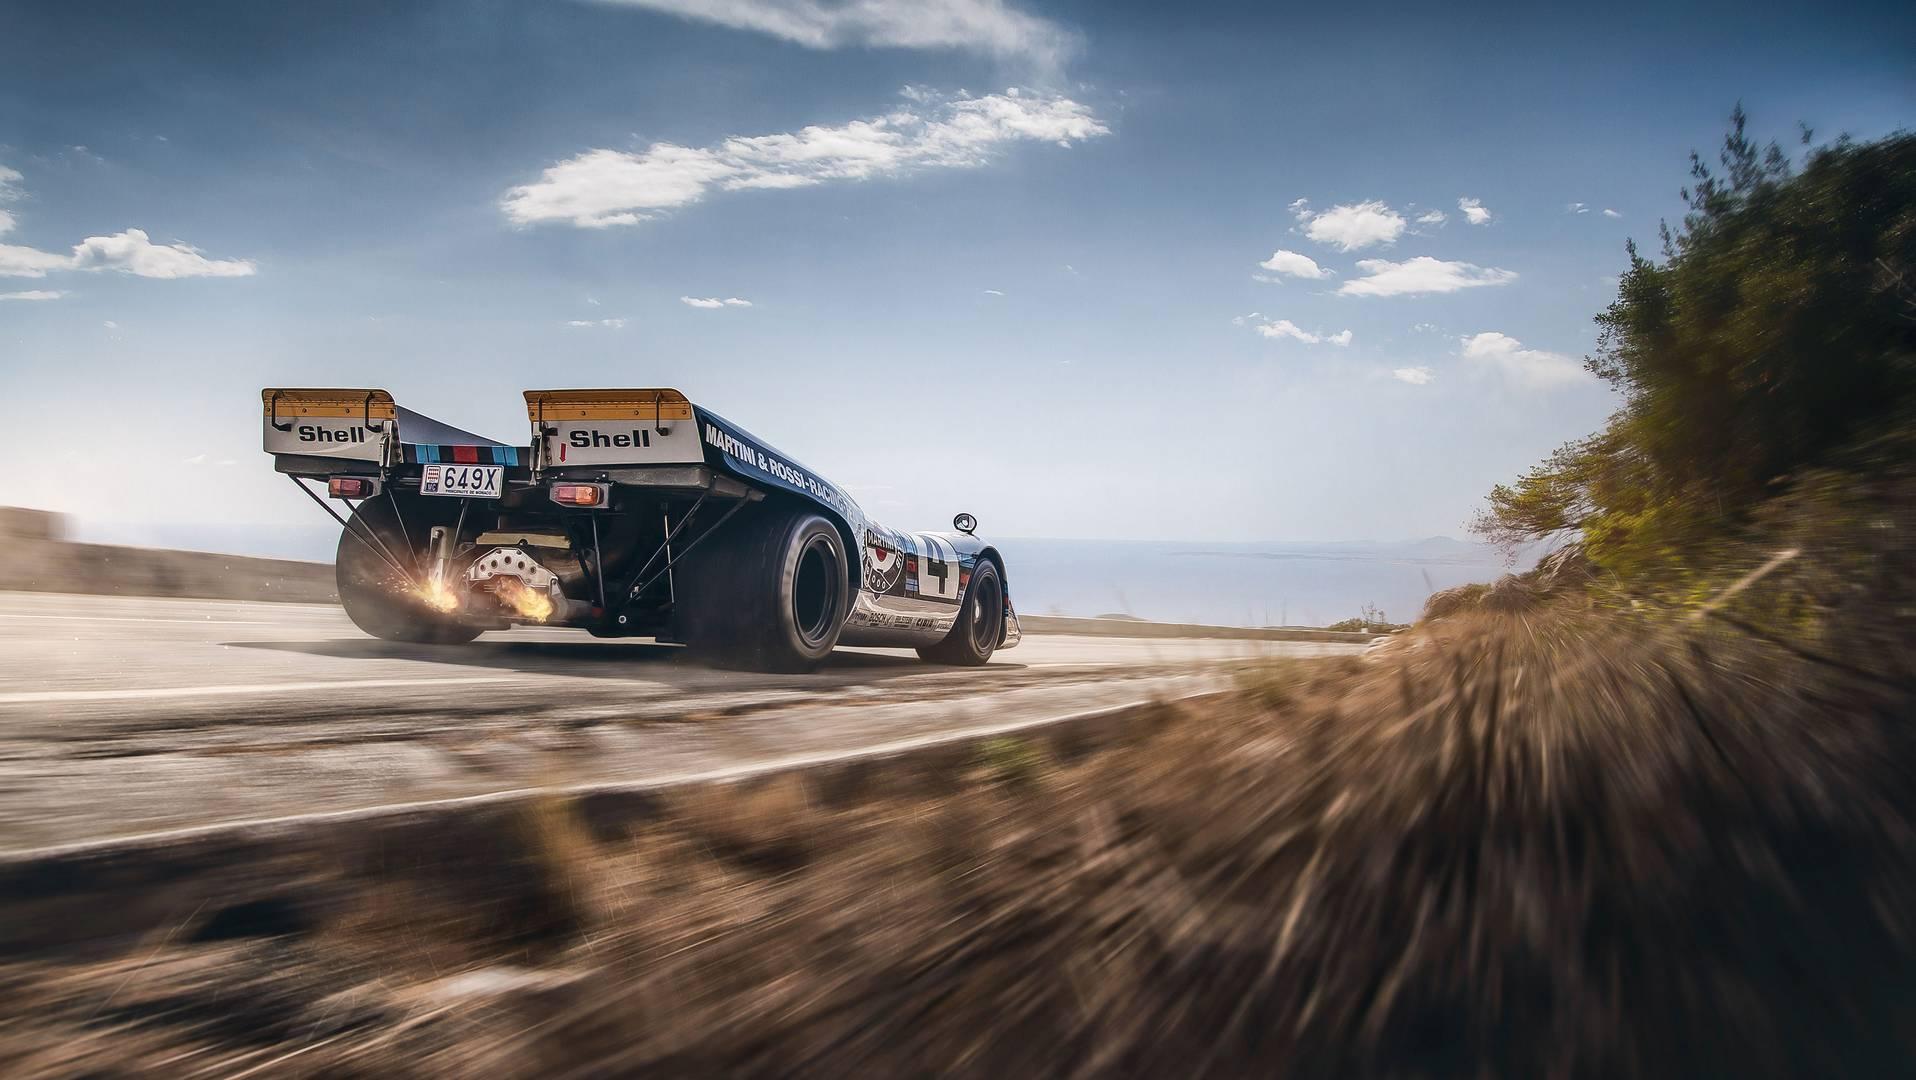 Автомобиль сохраняет оригинальный 4,9-литровый атмосферный рядный 12-цилиндровый двигатель мощностью около 600 л.с. В корпусе весом всего 600 кг он обеспечивает серьезное соотношение в 1000 л.с. на тонну и всё это на 50-летнем шасси!